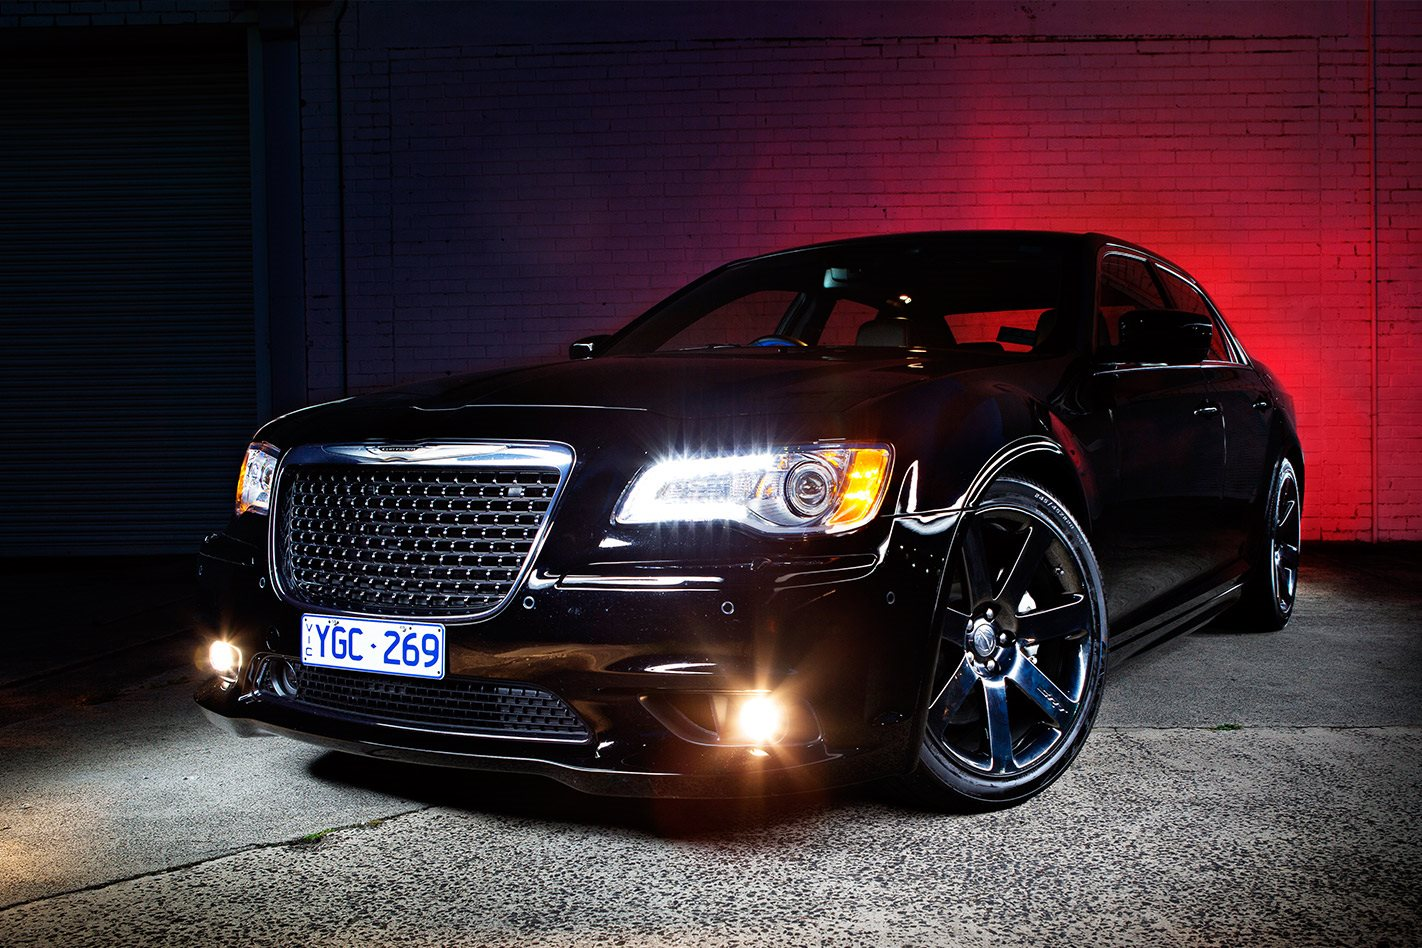 Ghetto Chrysler 300 >> CHRYSLER 300C/300/SRT8 - PROJECT CAR BUYER'S GUIDE